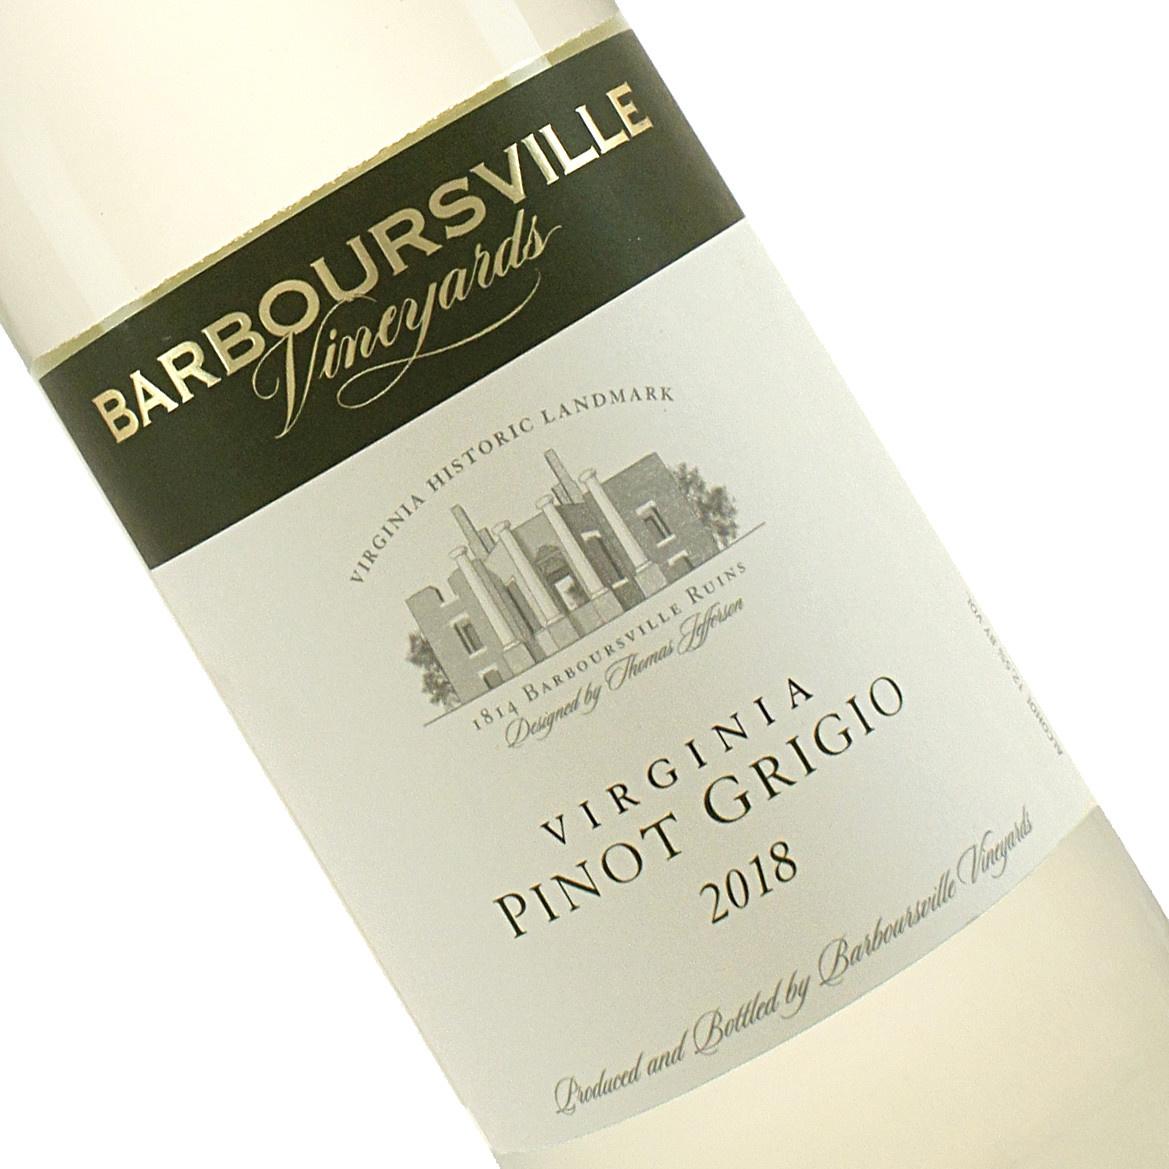 Barboursville 2018 Pinot Grigio, Virginia